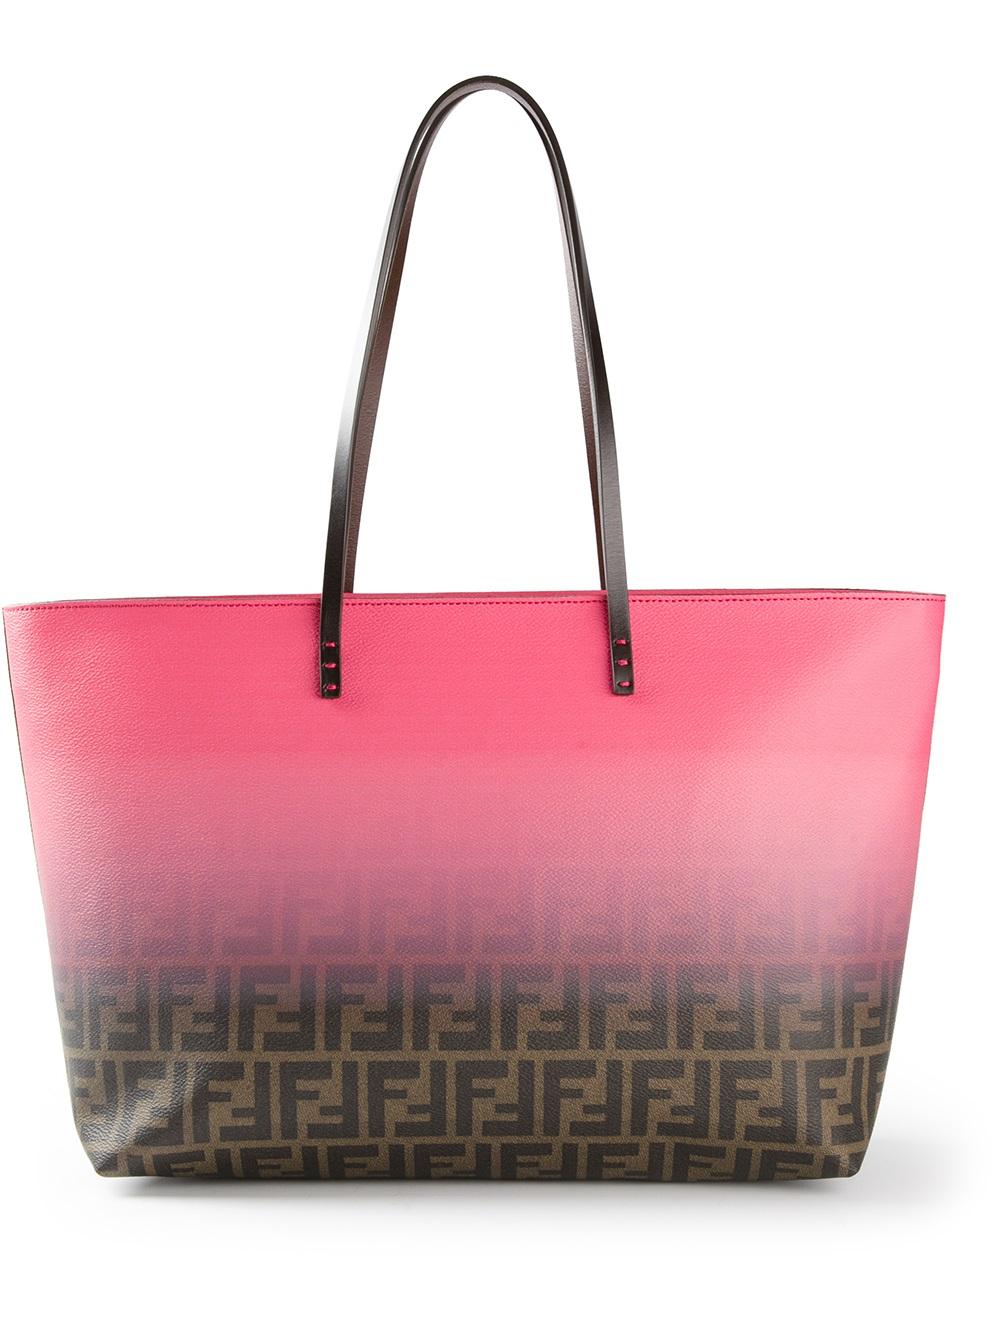 Fendi Zucca Shopper Tote in Pink - Lyst f738236e024e0